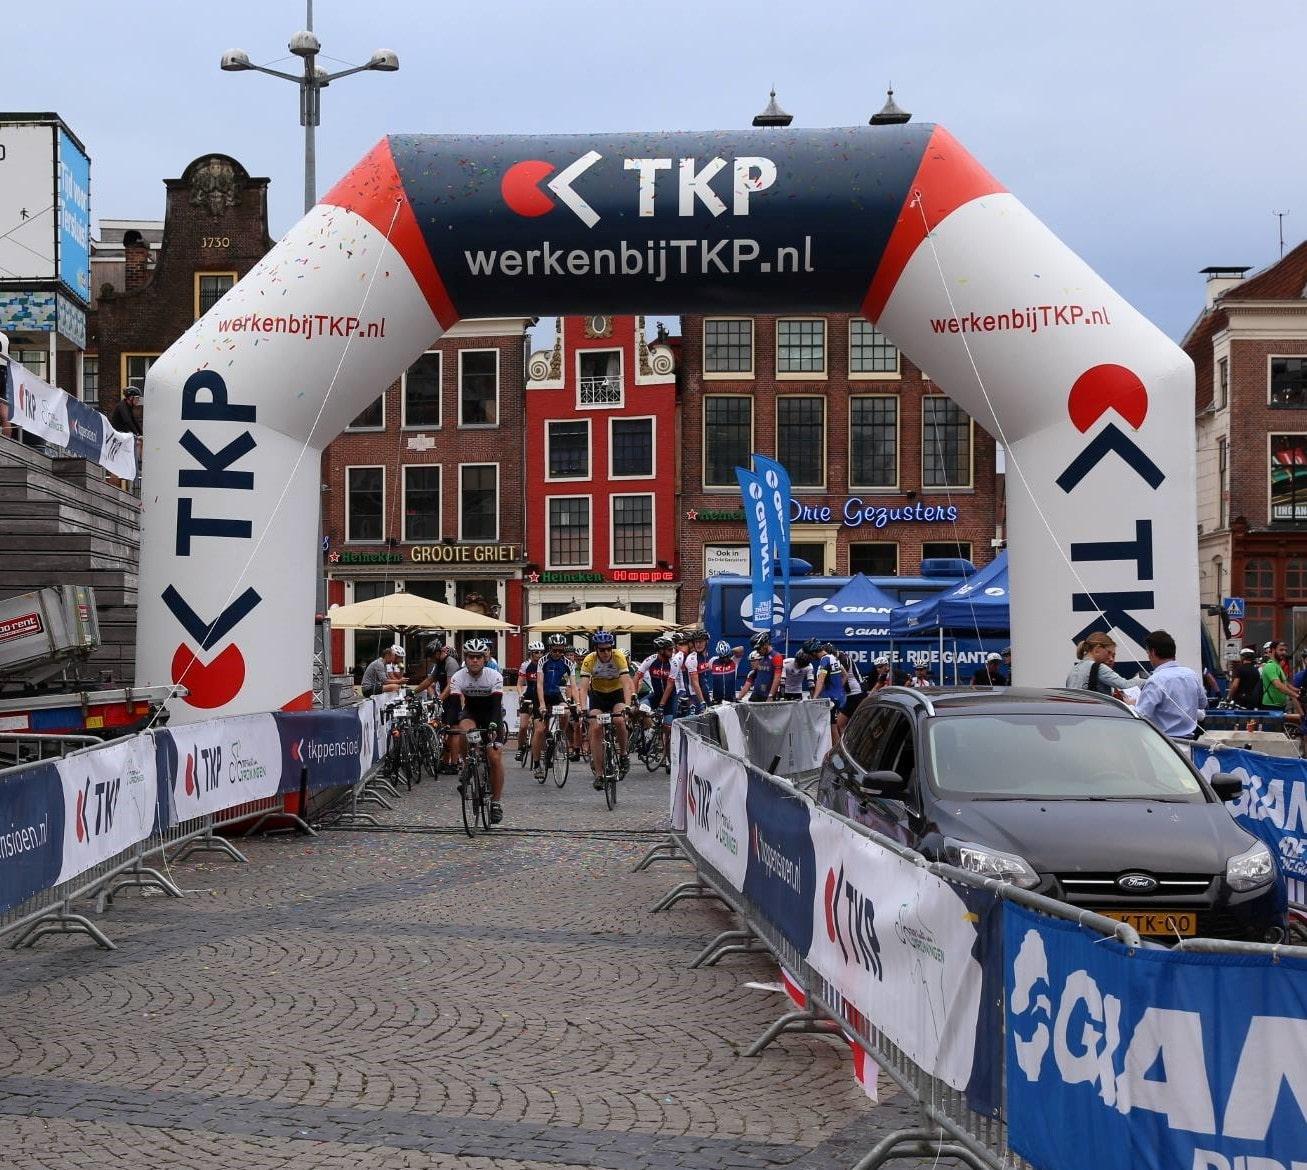 Opblaasbare boog op maat laten maken voorbeeld TKP door Opblaasbarebogen.nl